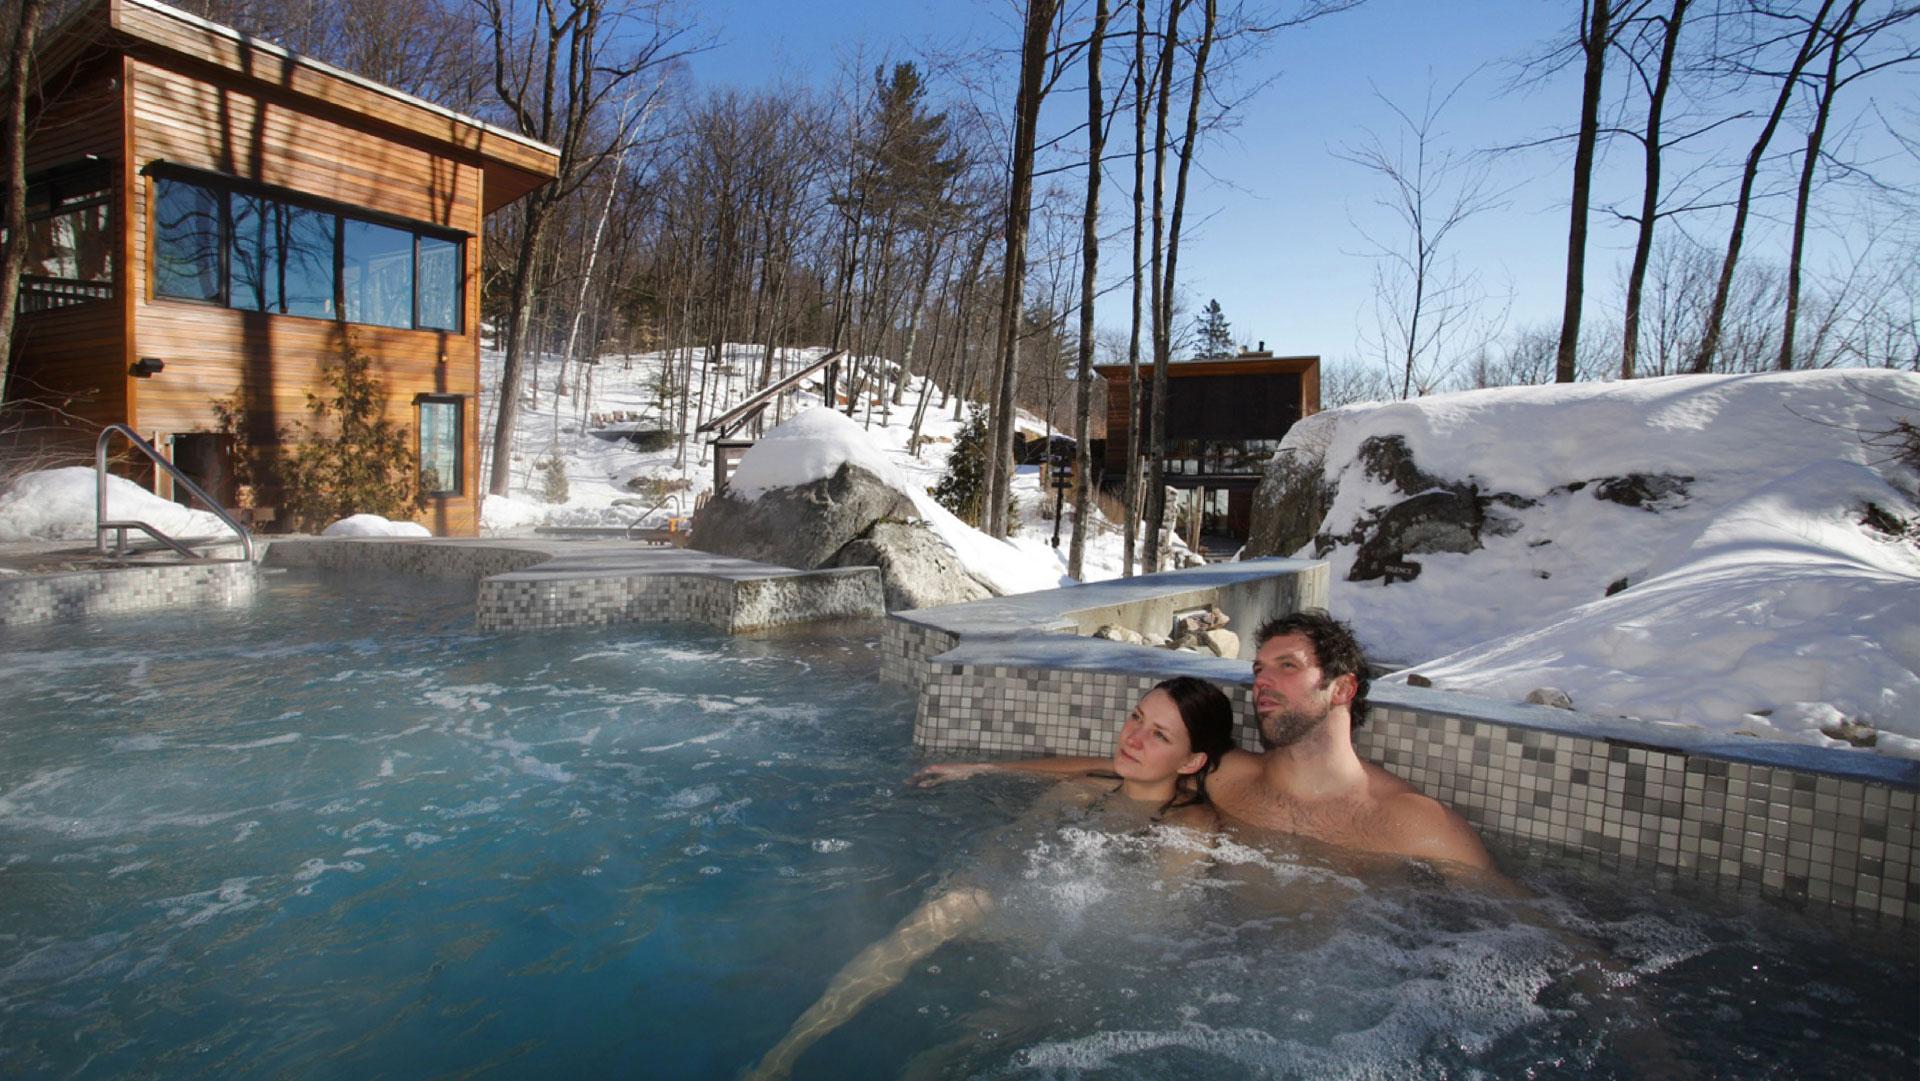 Résultats de recherche d'images pour «la source bain nordique»